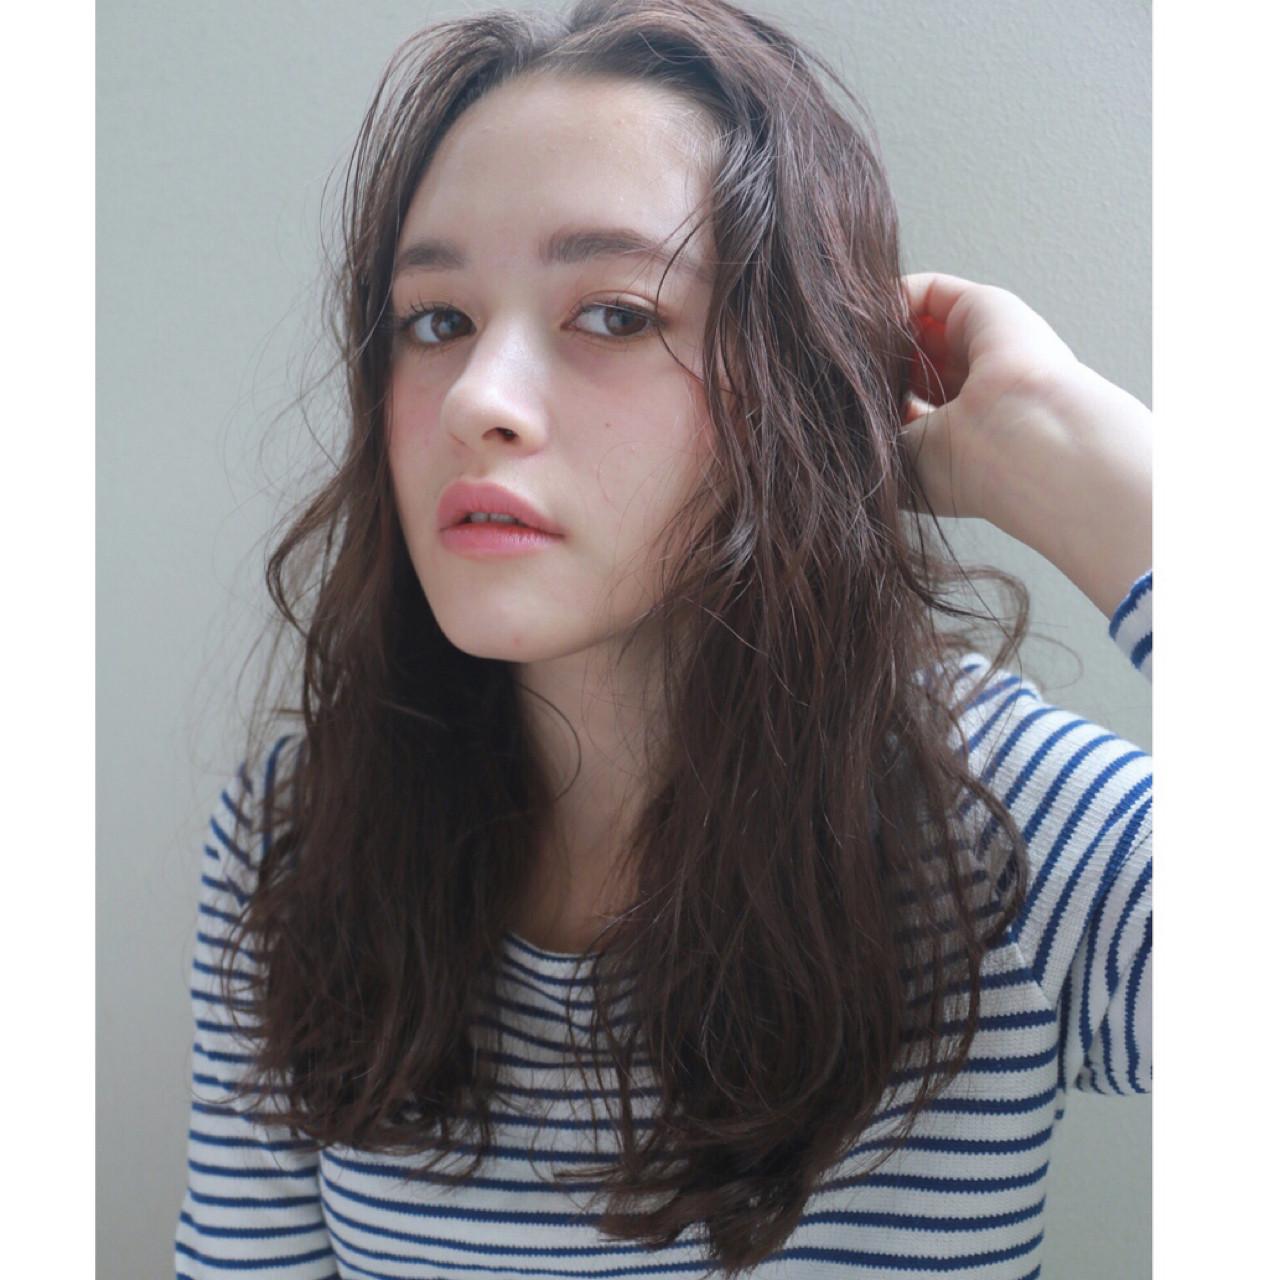 セミロング ナチュラル 暗髪 くせ毛風 ヘアスタイルや髪型の写真・画像 | 高橋 忍 / nanuk渋谷店(ナヌーク)